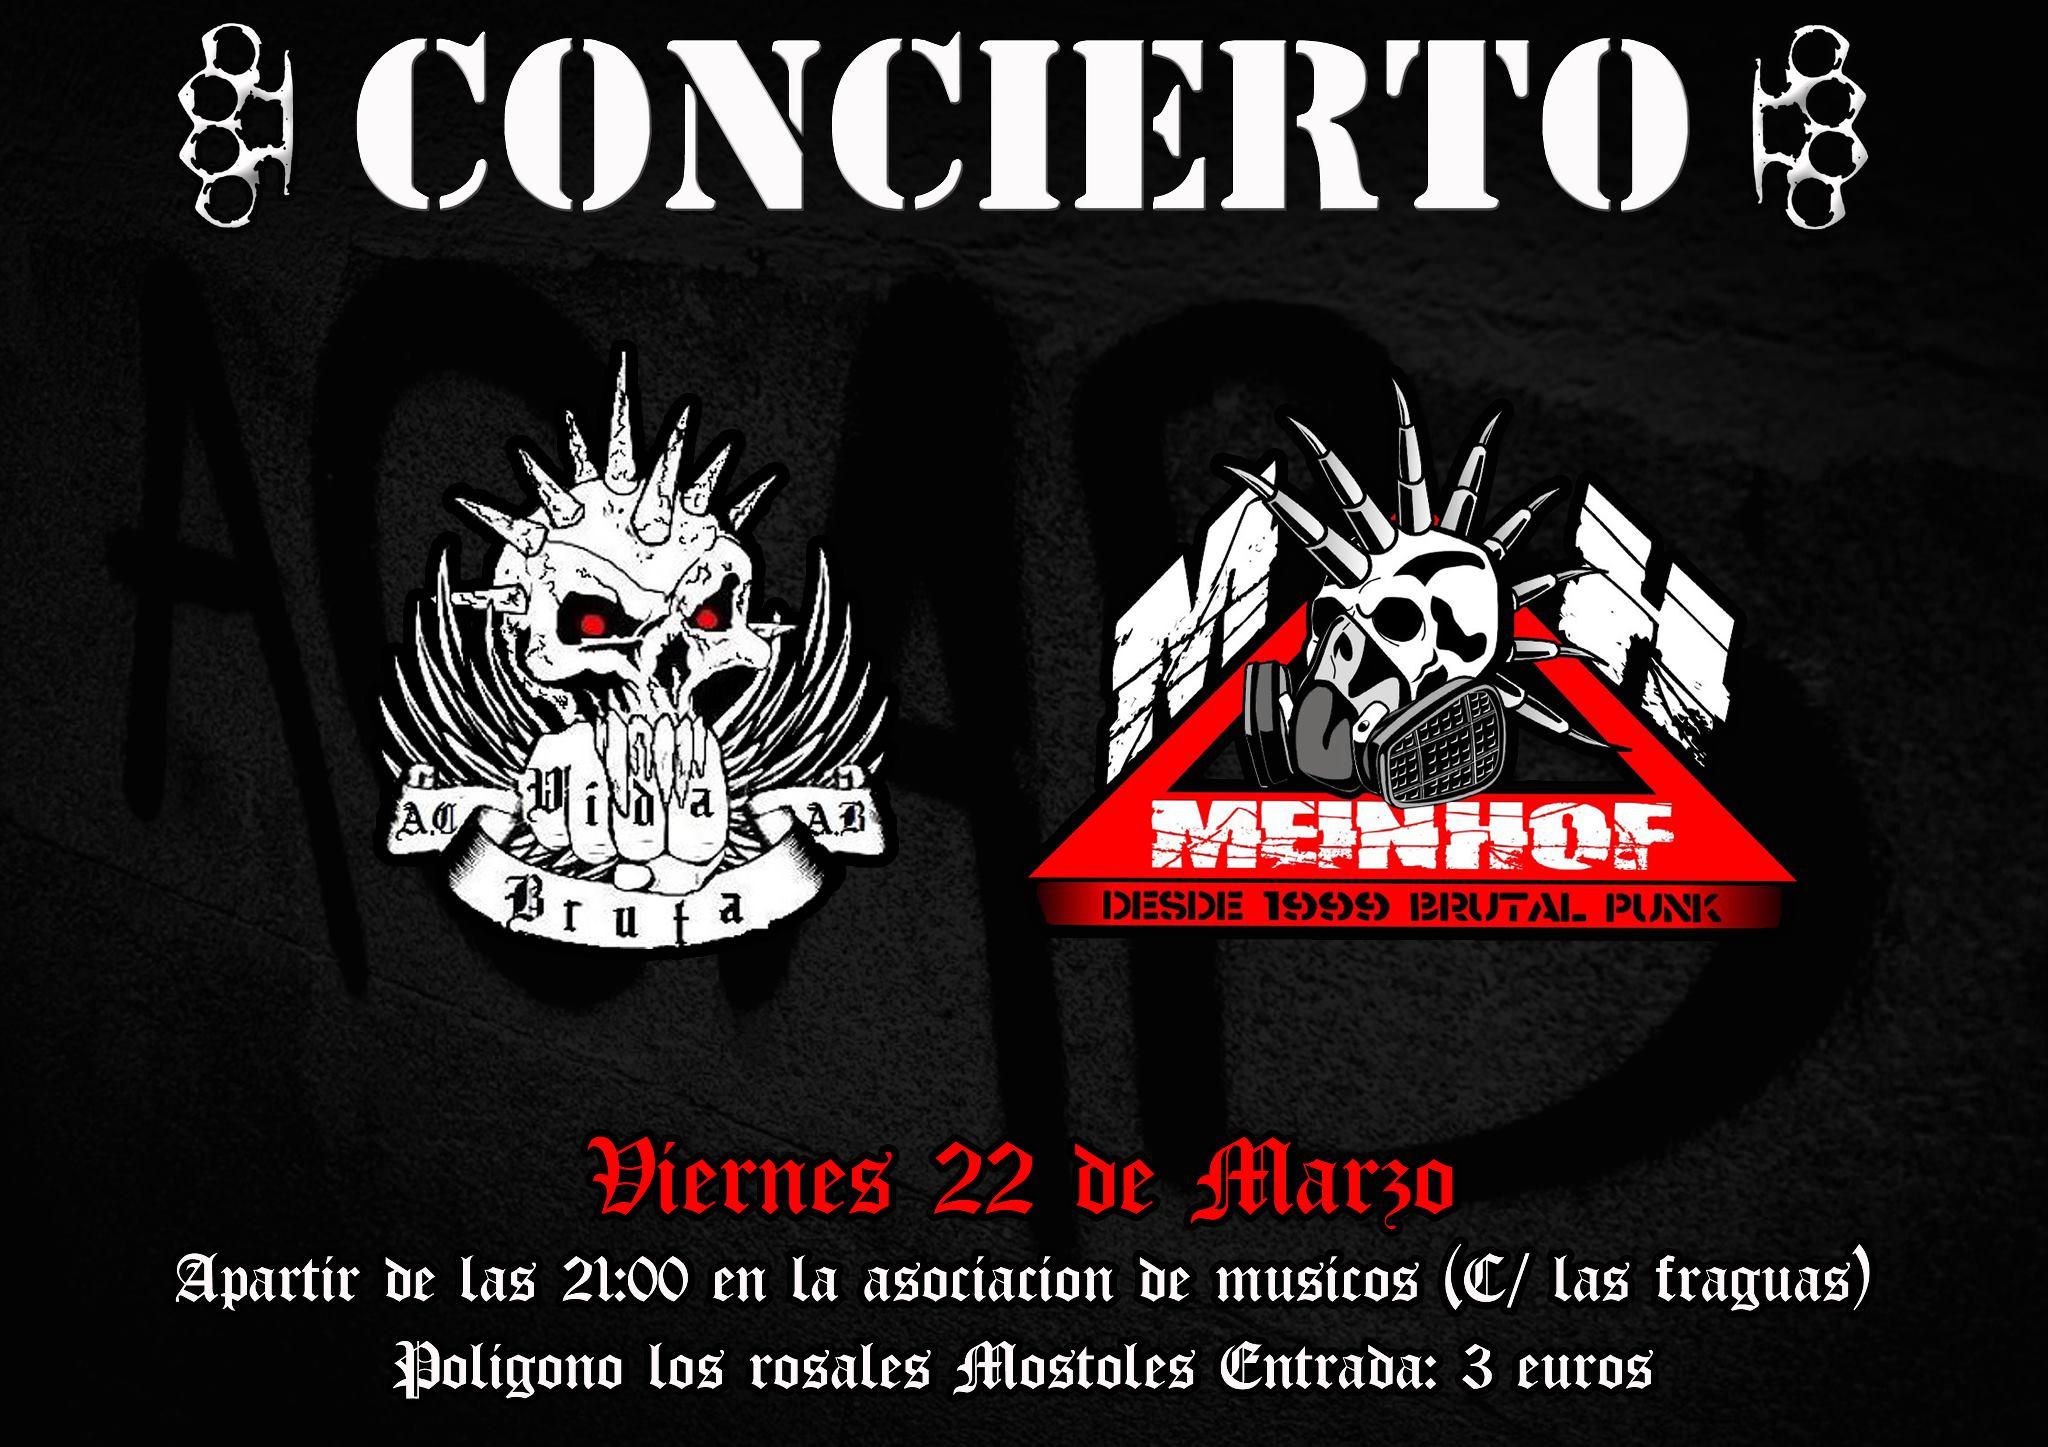 cartel concierto punk vida bruta mein hof viernes 22 marzo 2013